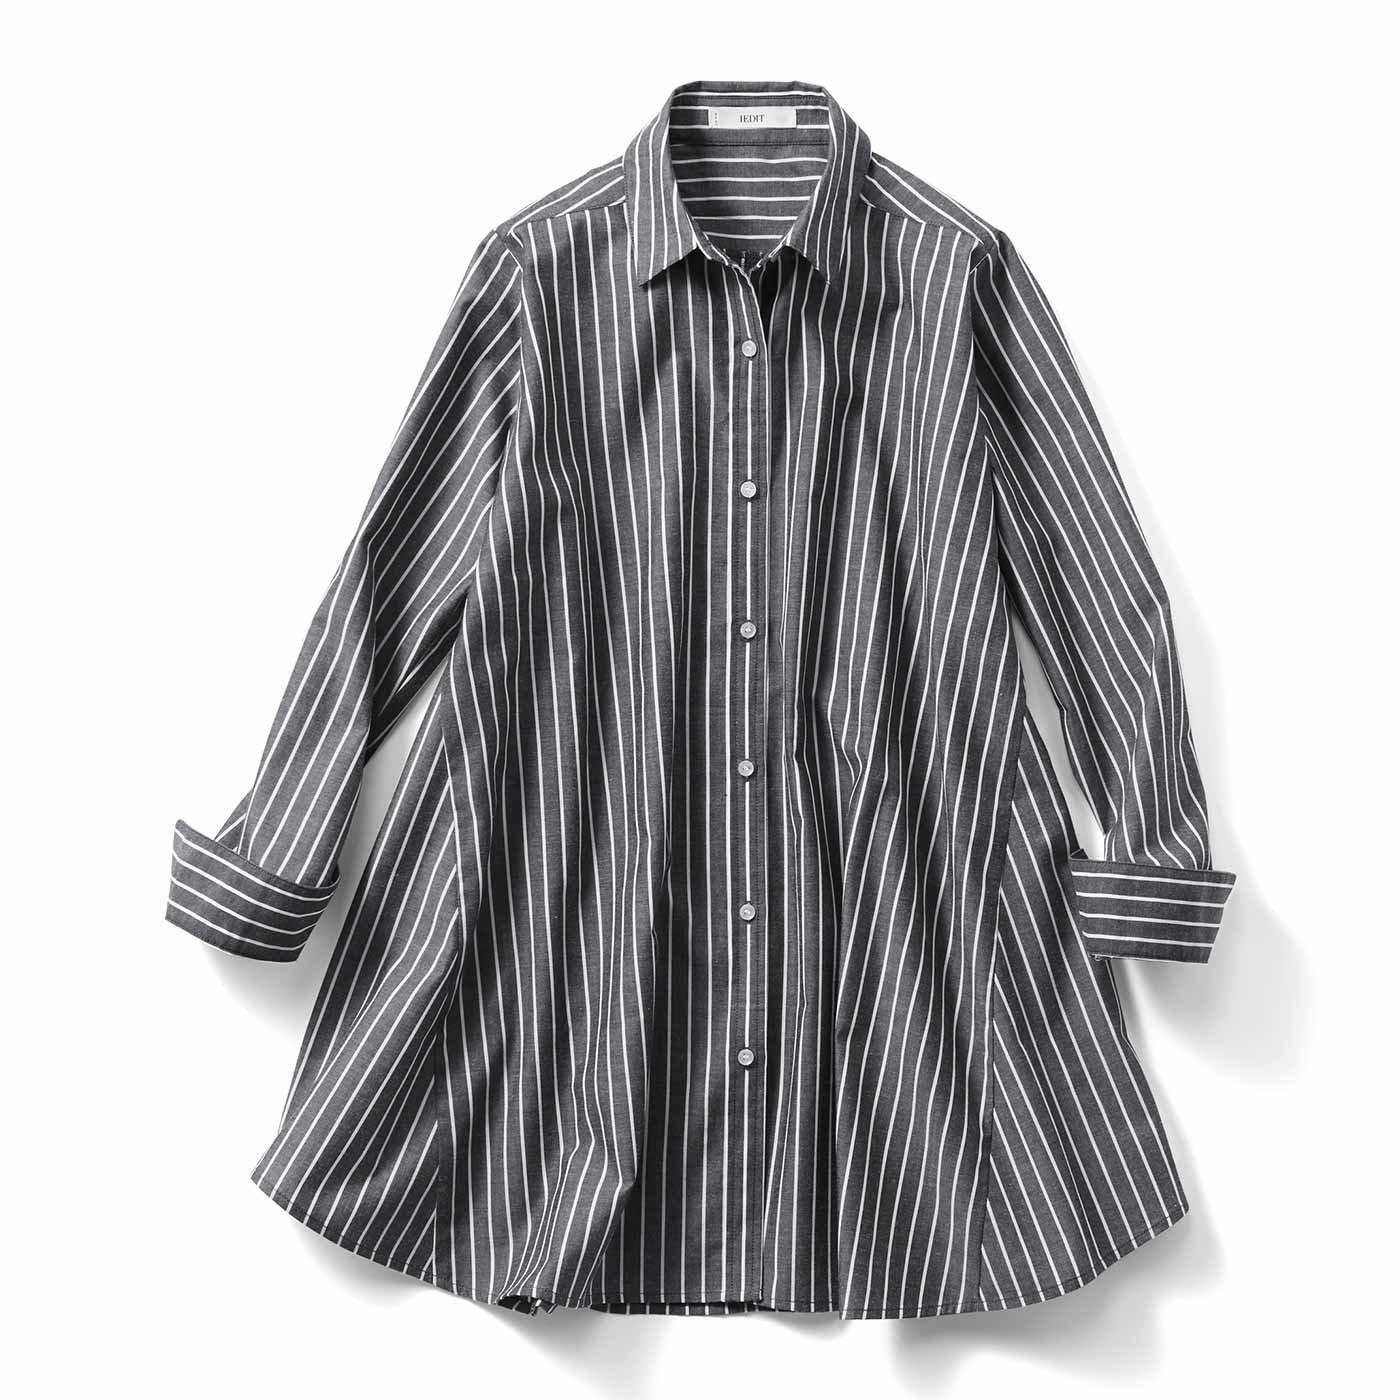 IEDIT[イディット] たっぷりフレアーが印象的なAラインシャツチュニック〈ブラックストライプ〉